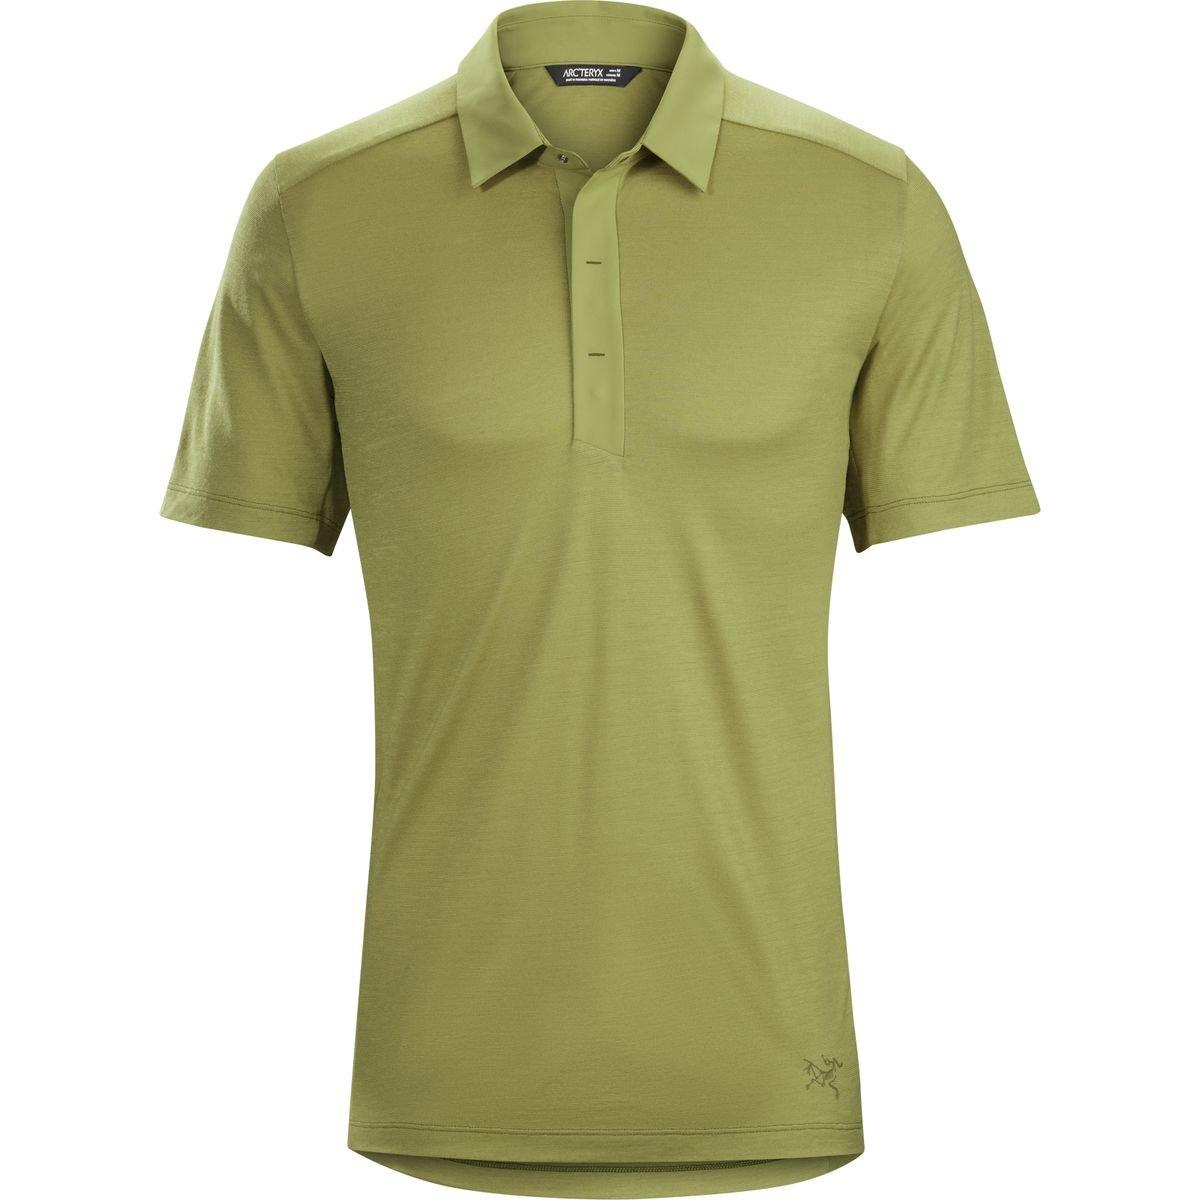 Arcteryx Mens A2b Polo Short Sleeve At Amazon Mens Clothing Store